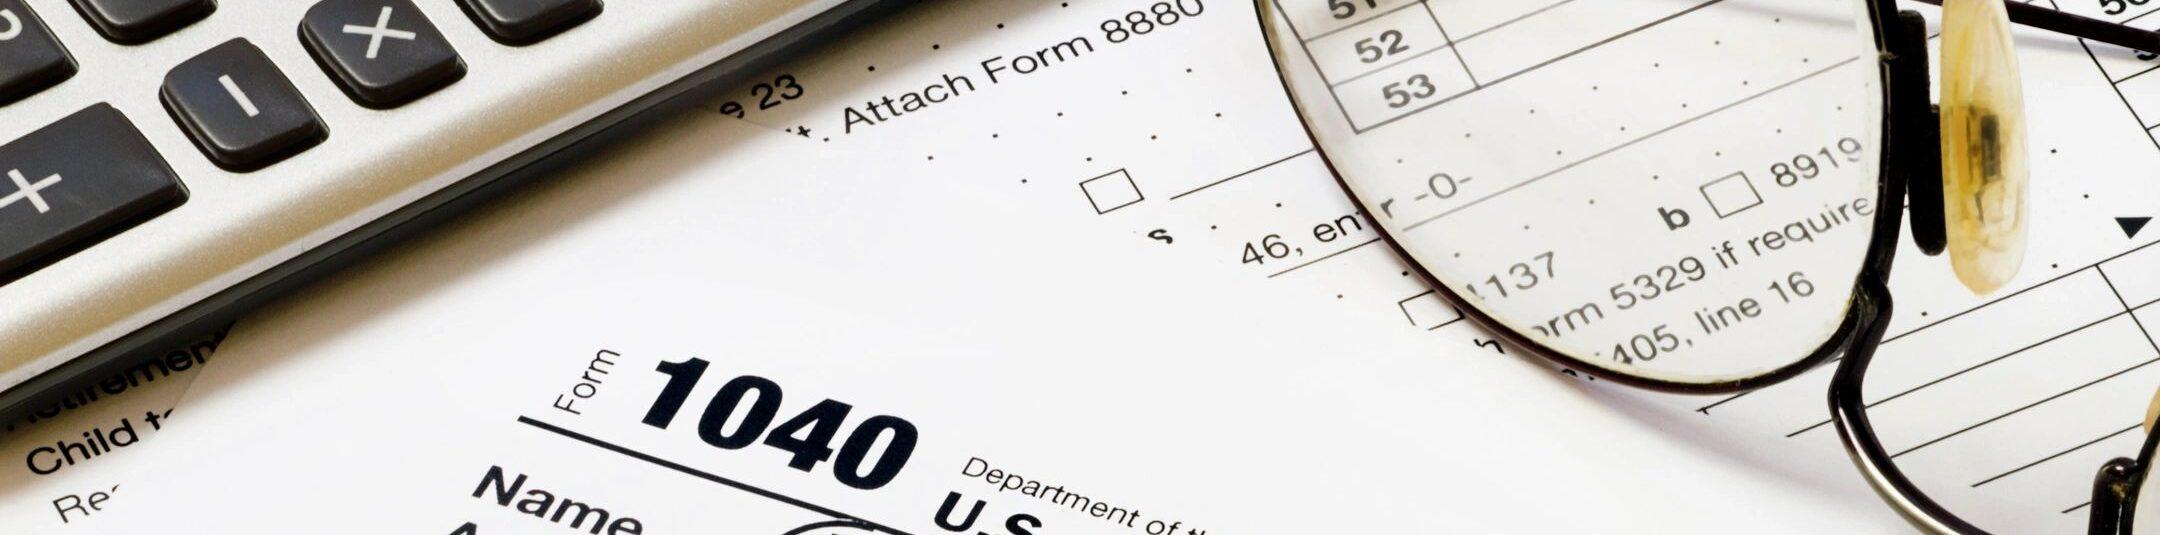 Tax Return Preparers Inc